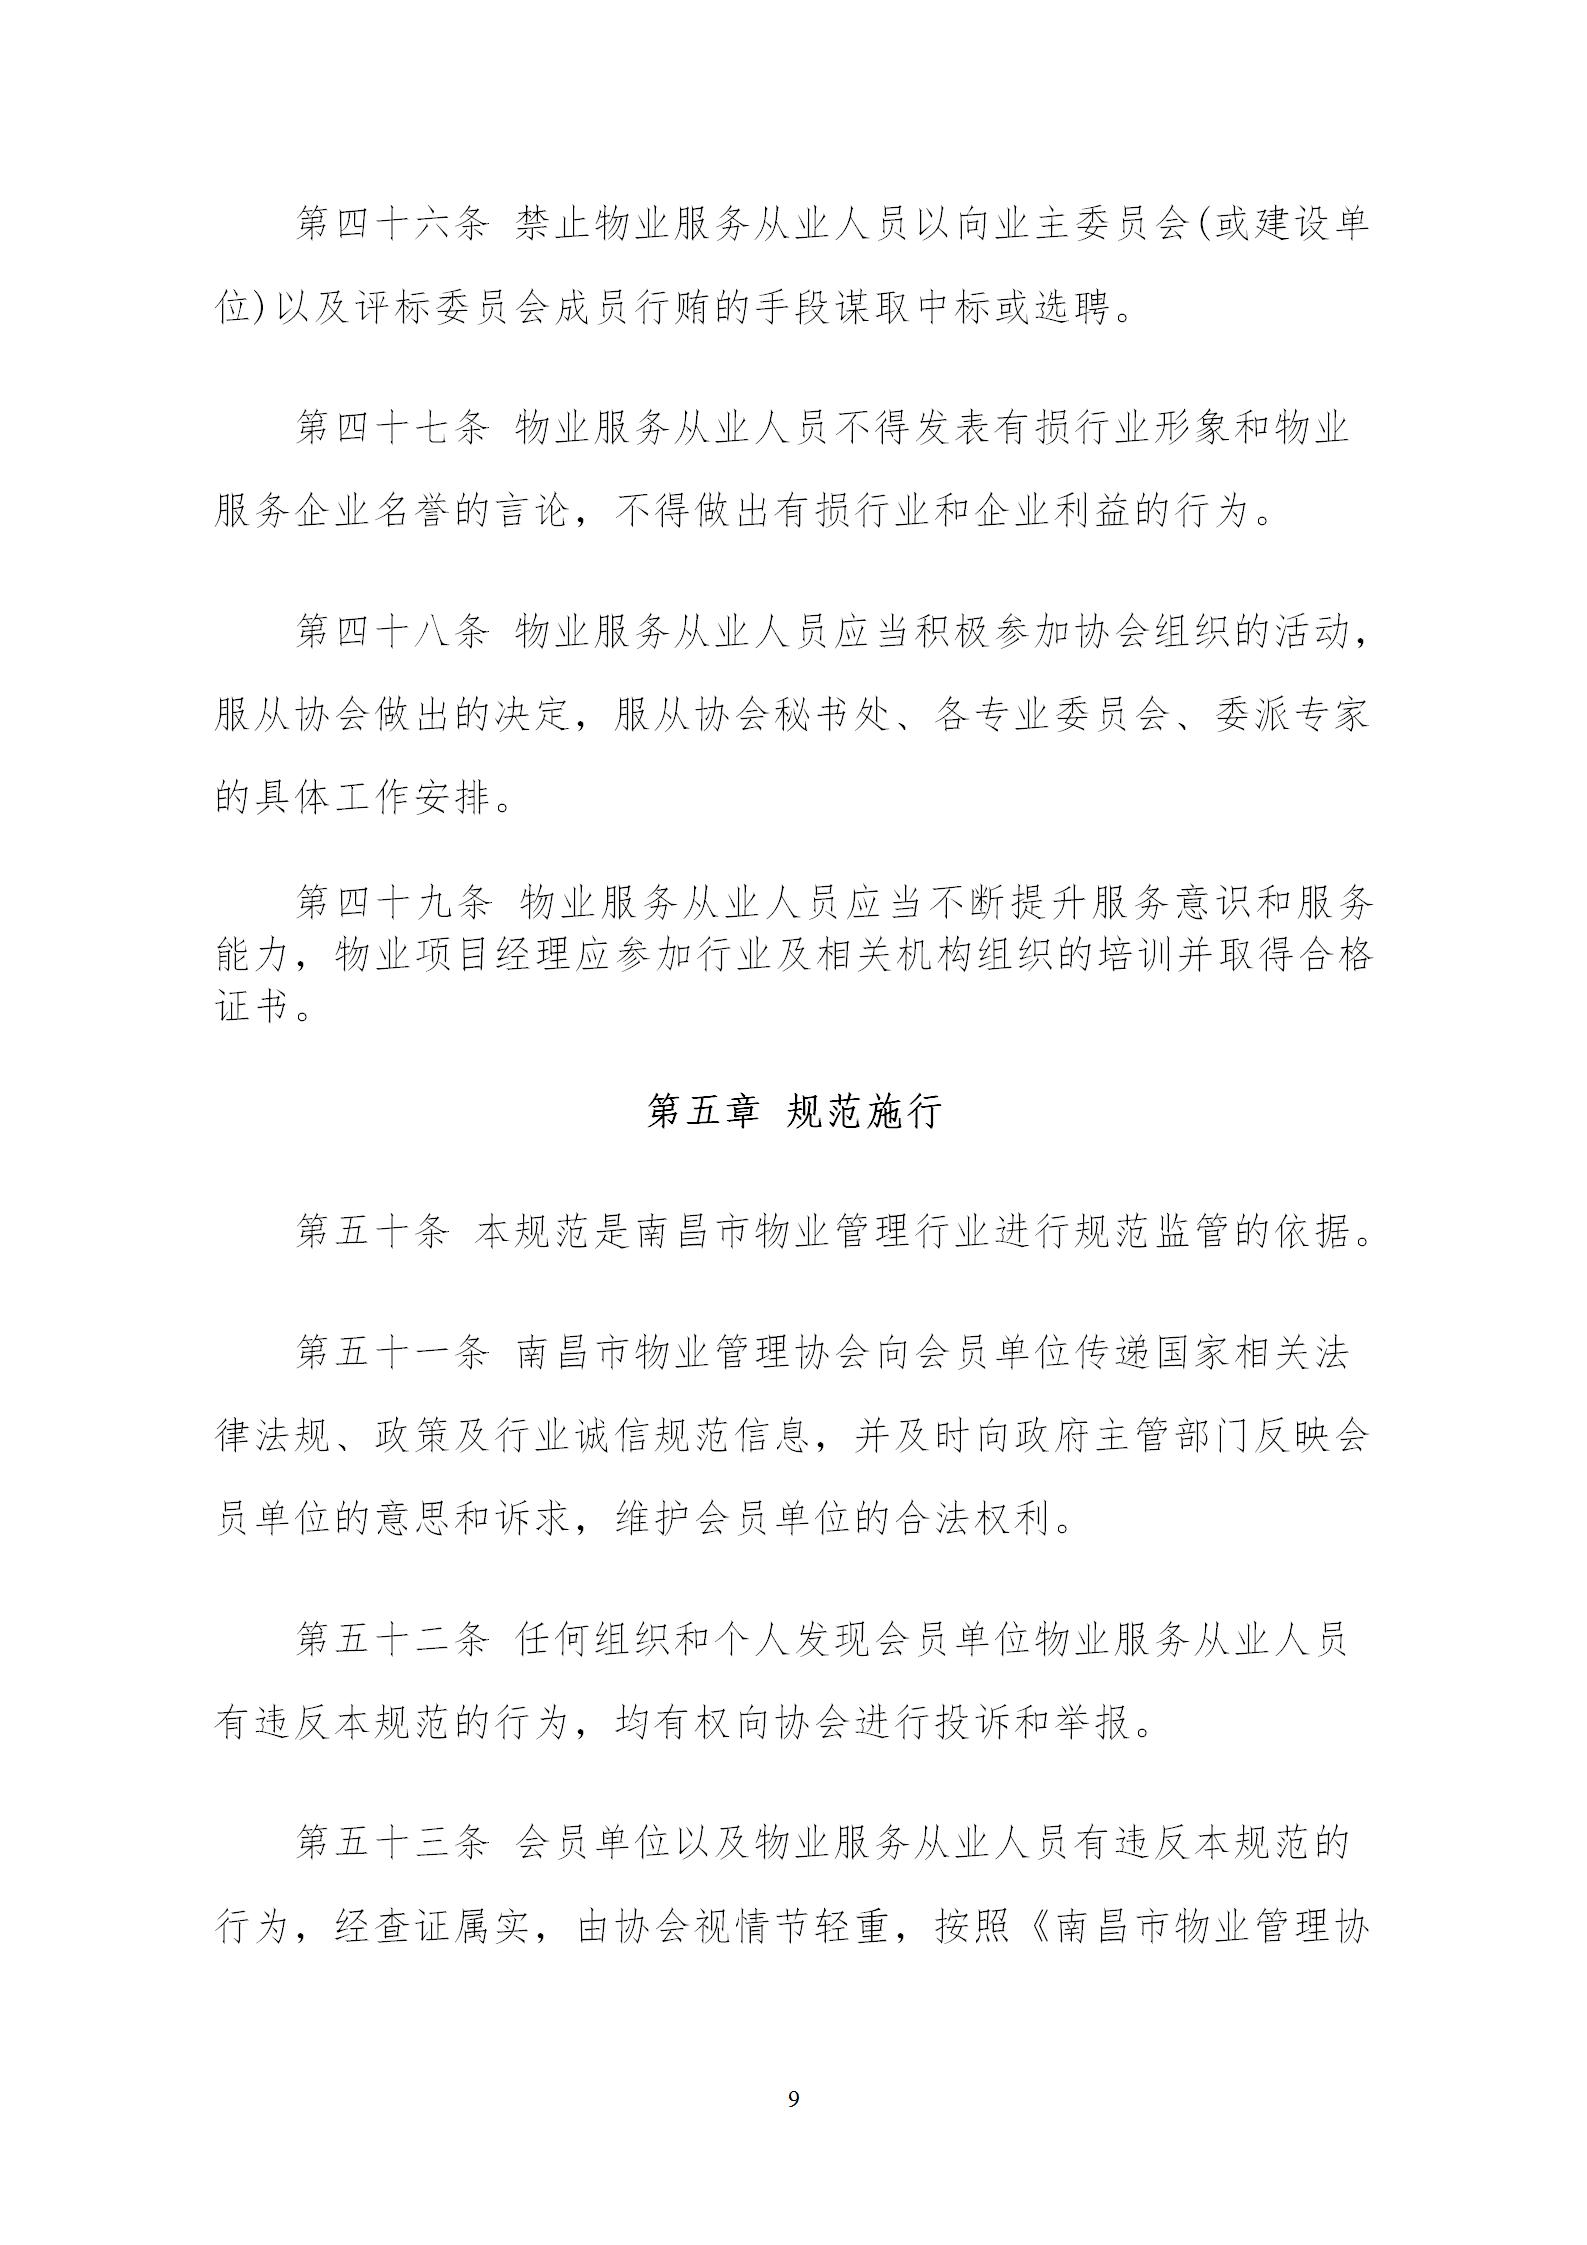 洪物协字[2020]20号关于贯彻落实《南昌市物业管理行业规范》的通知_09.png